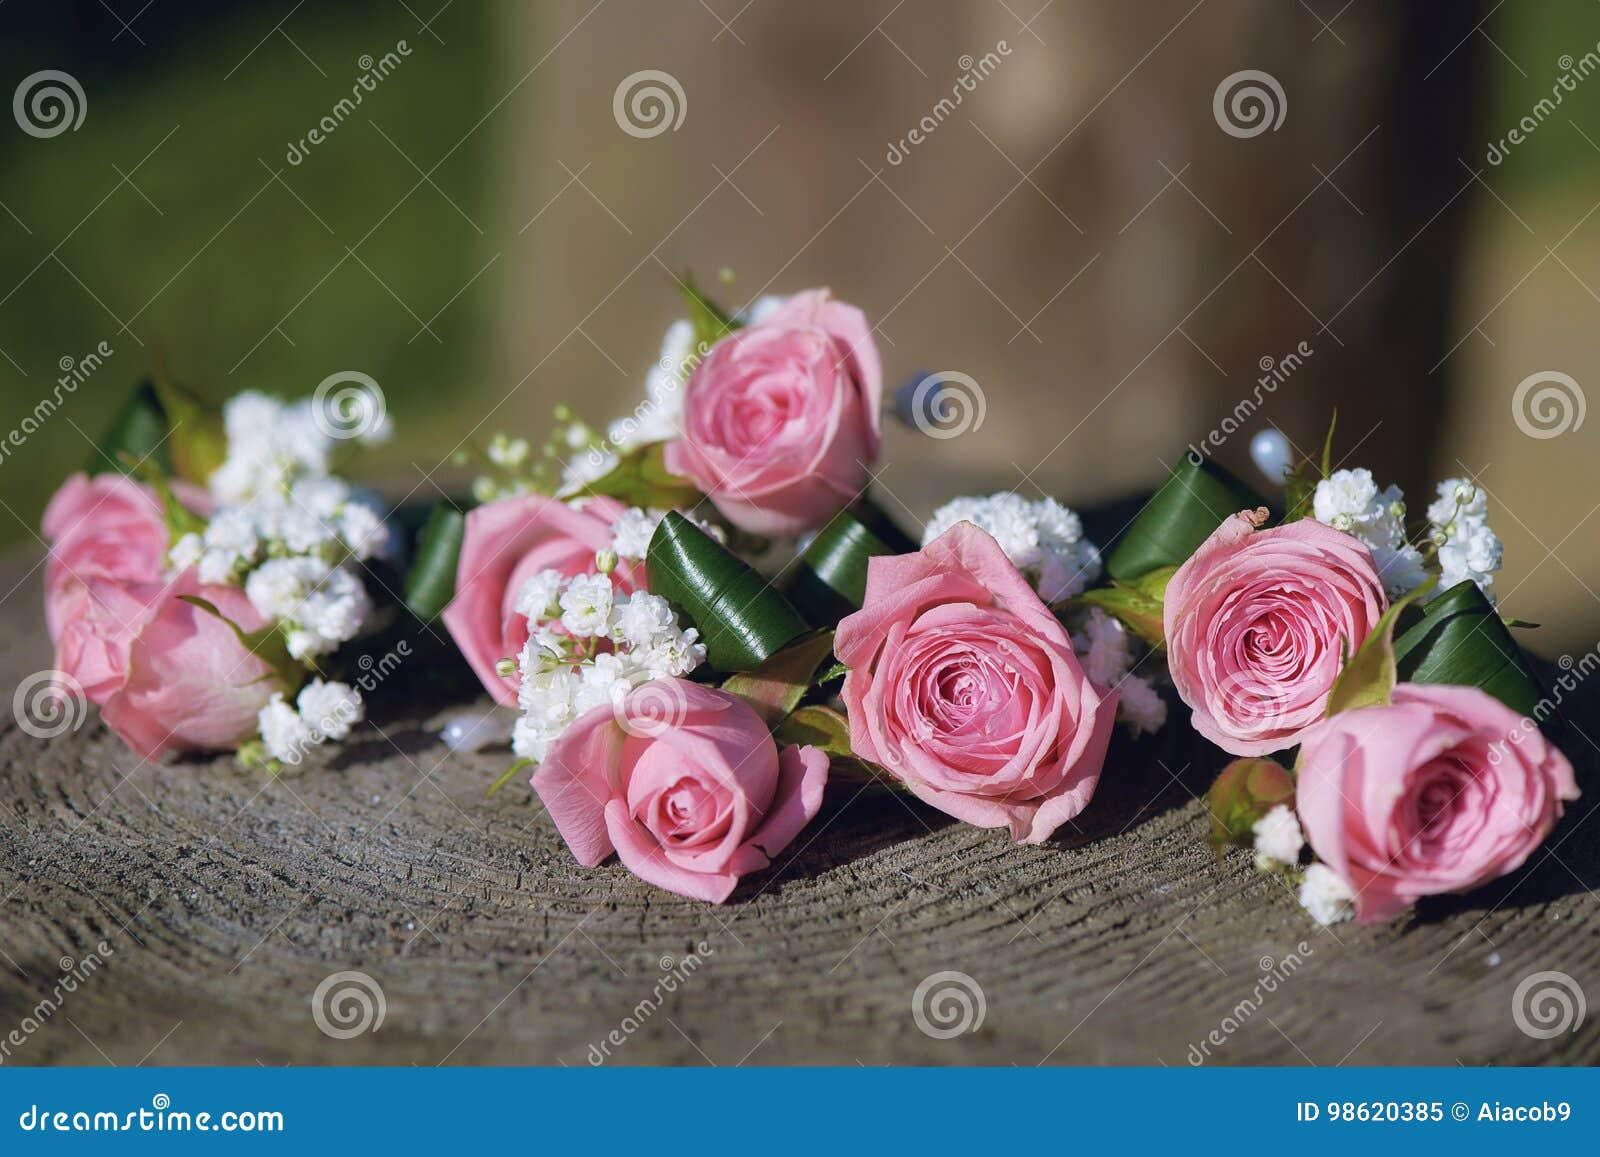 Flower arrangement for wedding centerpiece featuring small pink download flower arrangement for wedding centerpiece featuring small pink roses and babys breath mightylinksfo